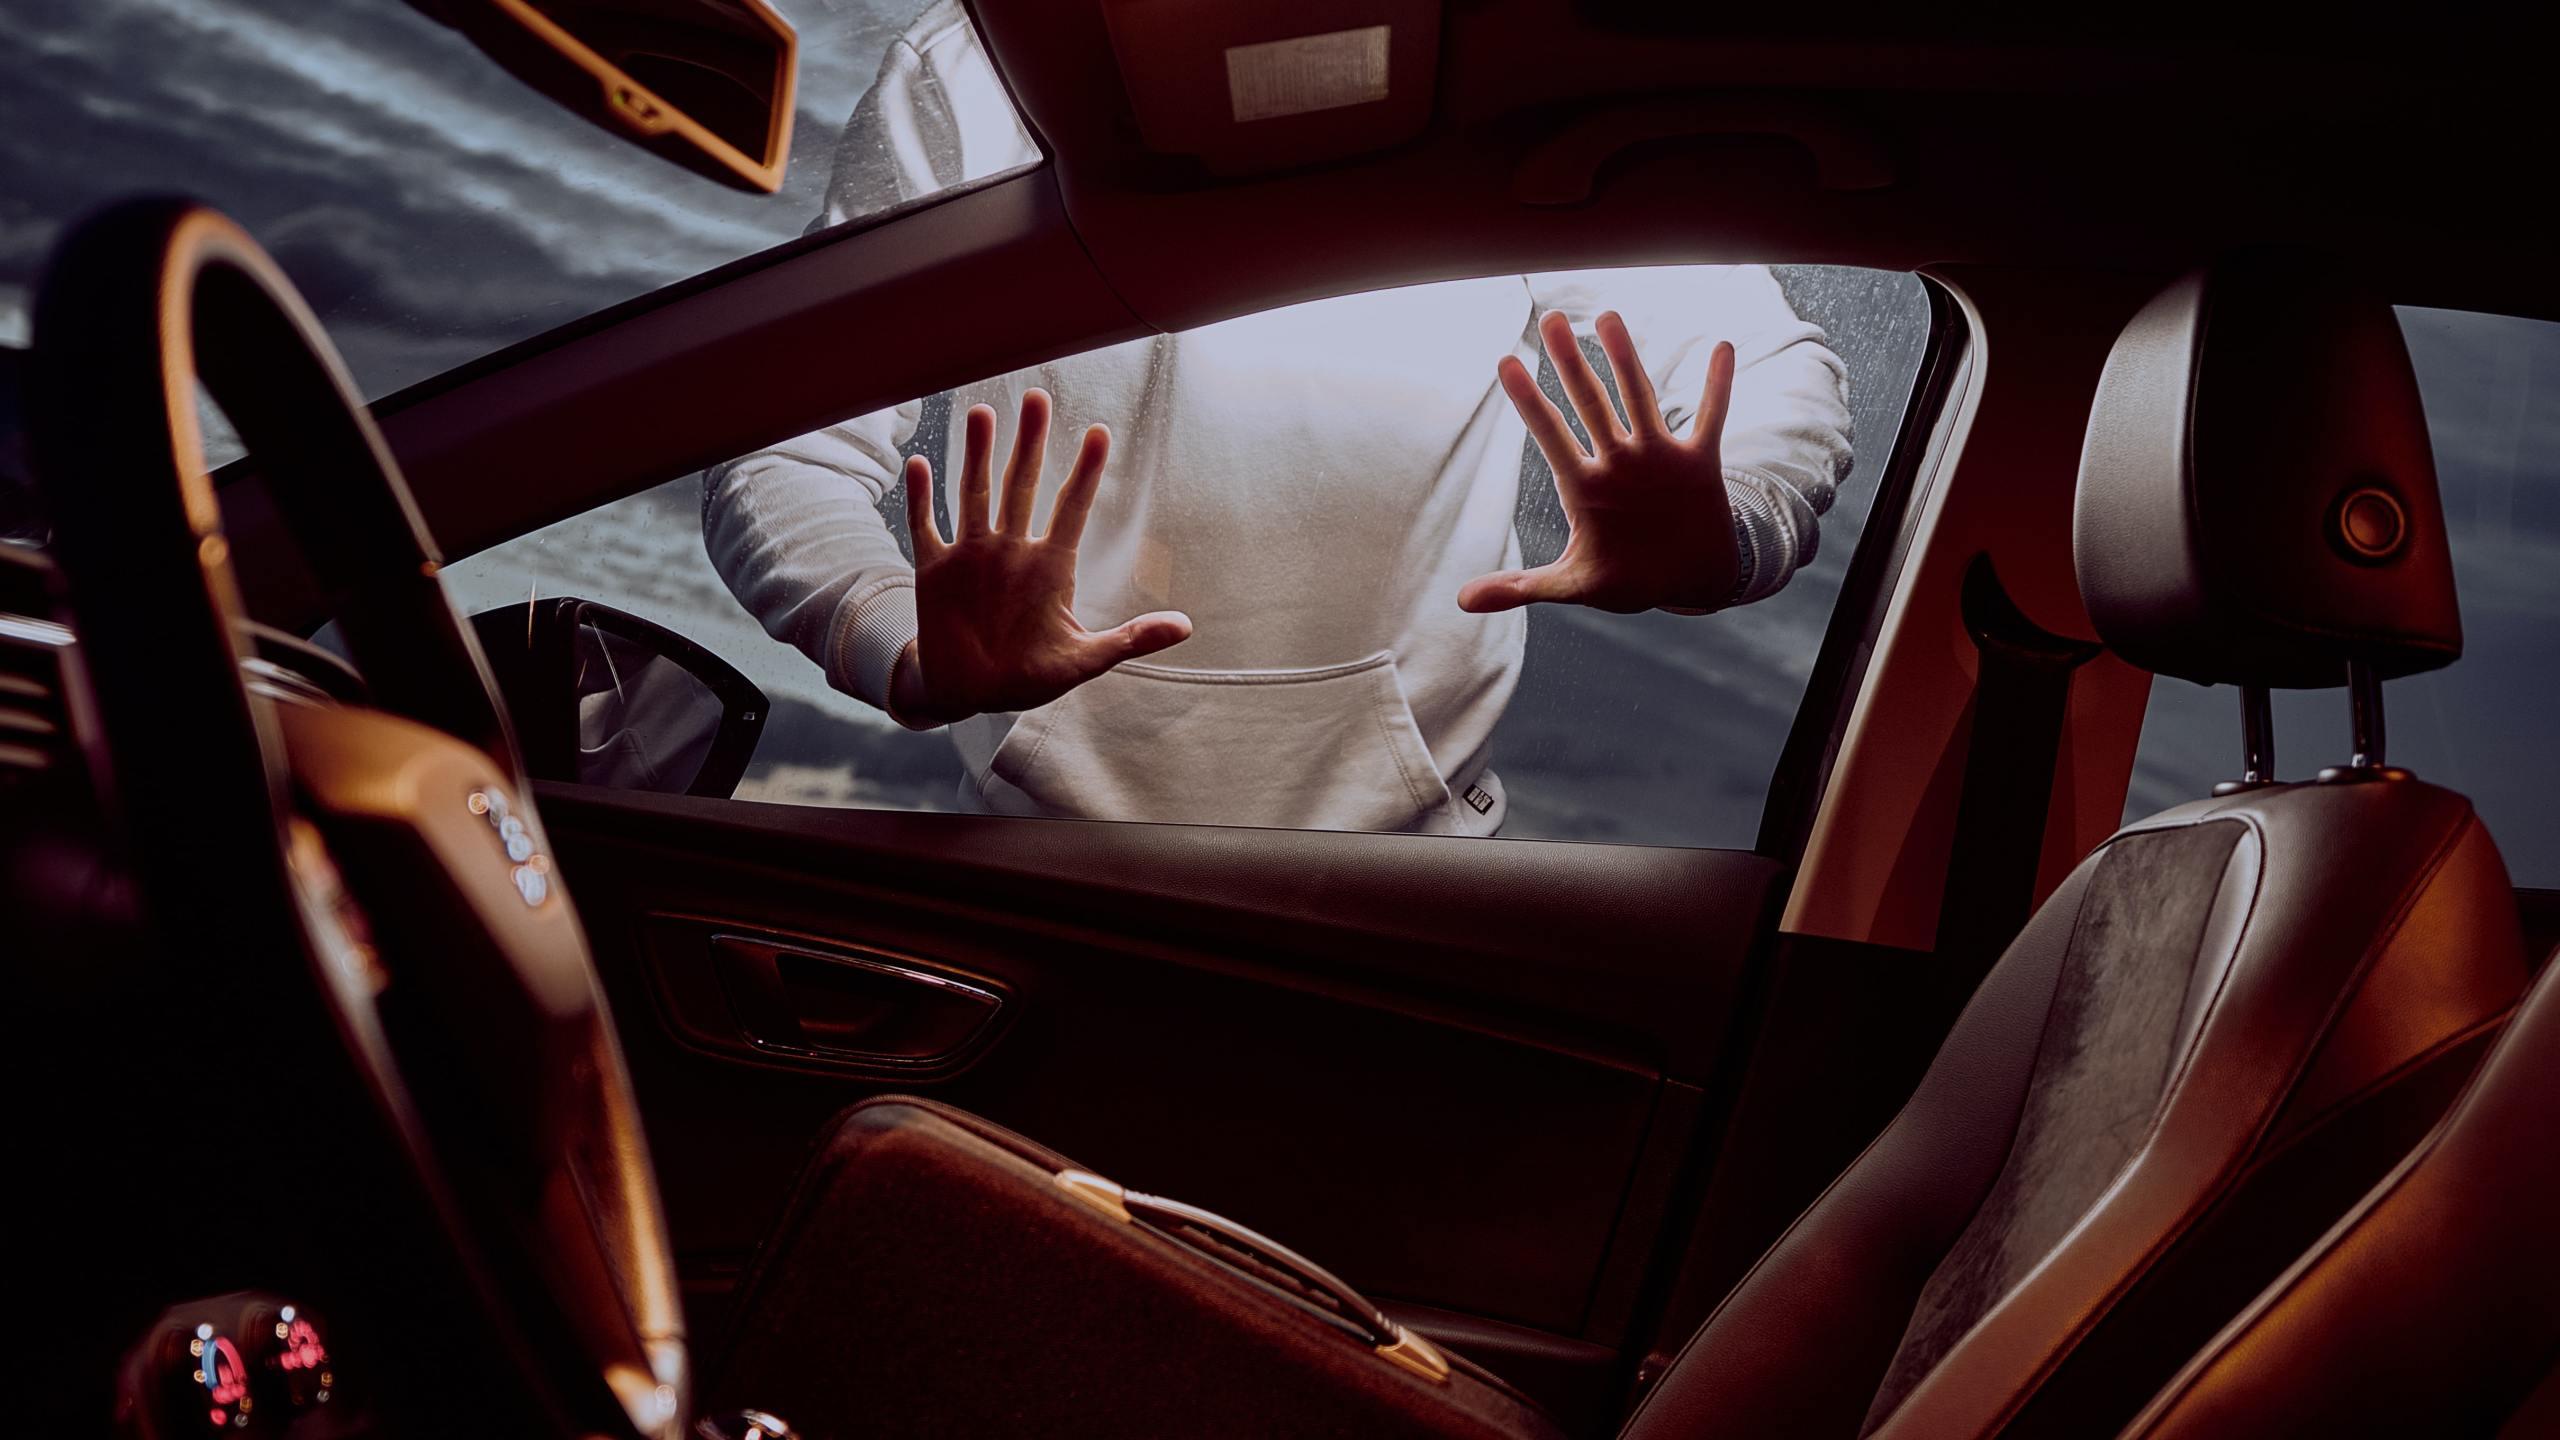 Car thief stolen vehicle